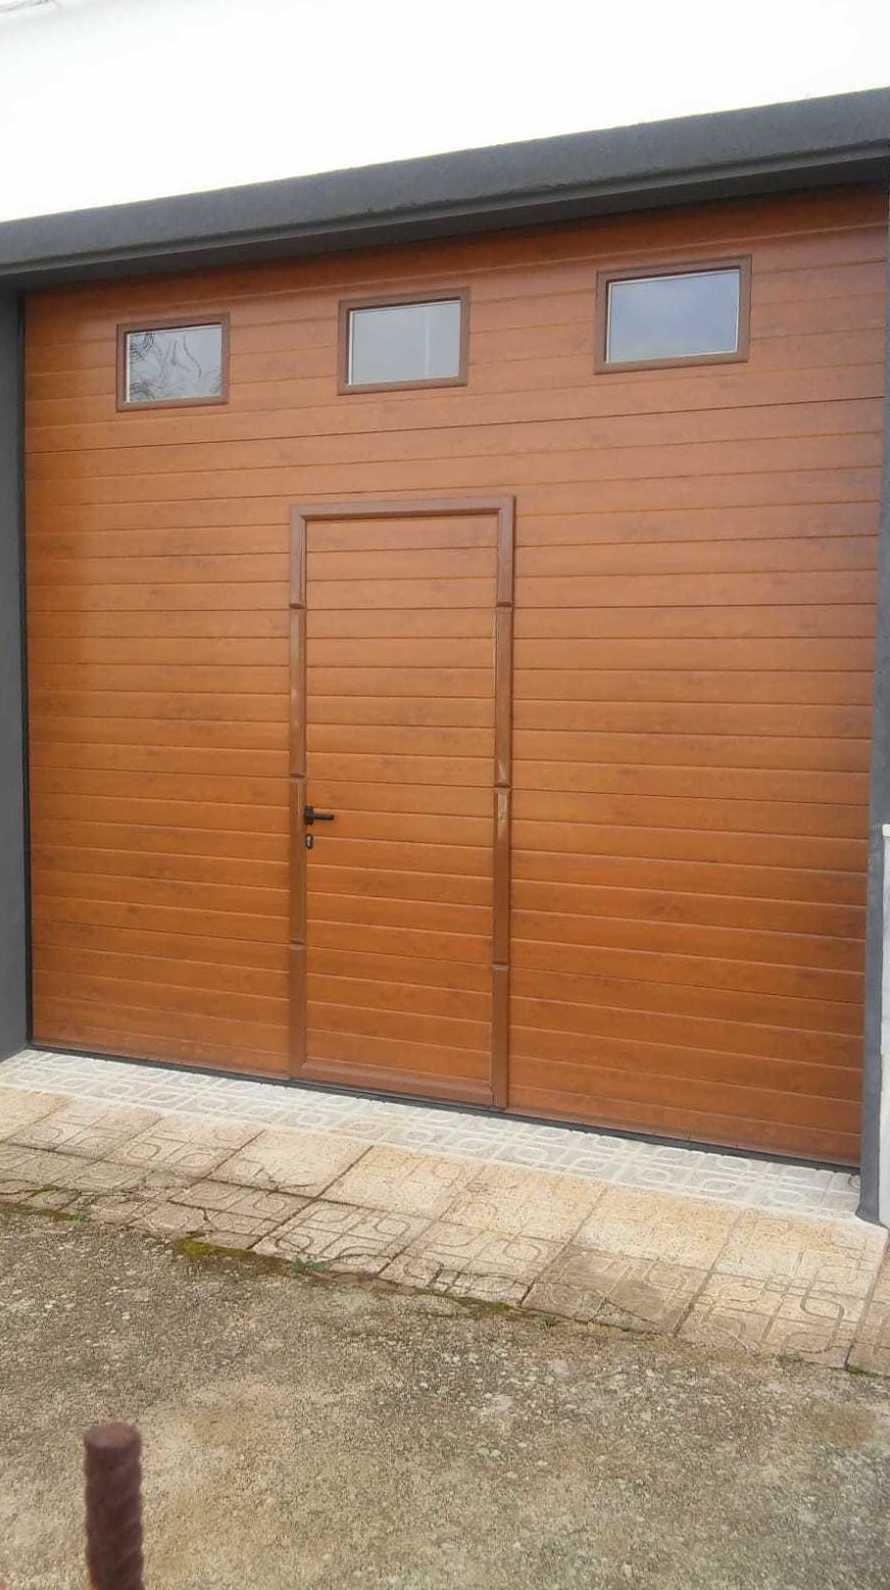 Puerta seccional imitación madera clara.